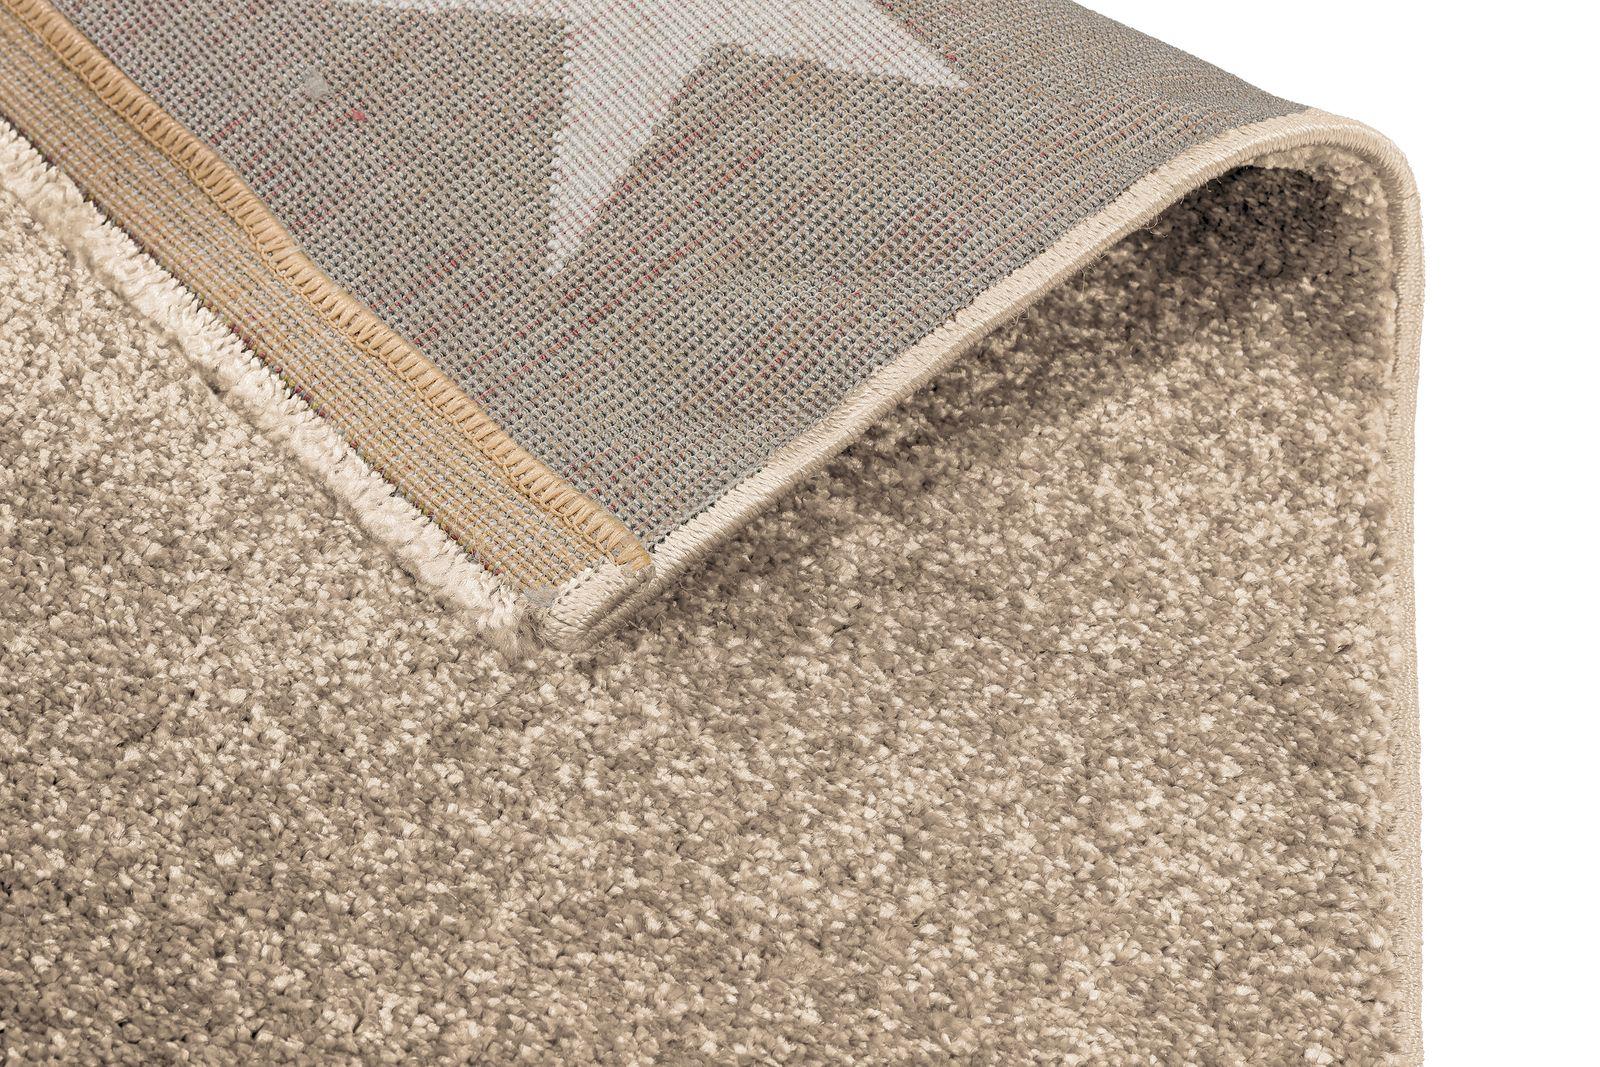 kinderteppich einhorn beige 80 x150 160 x 230 cm teppich spielzimmer kinderzimmer. Black Bedroom Furniture Sets. Home Design Ideas